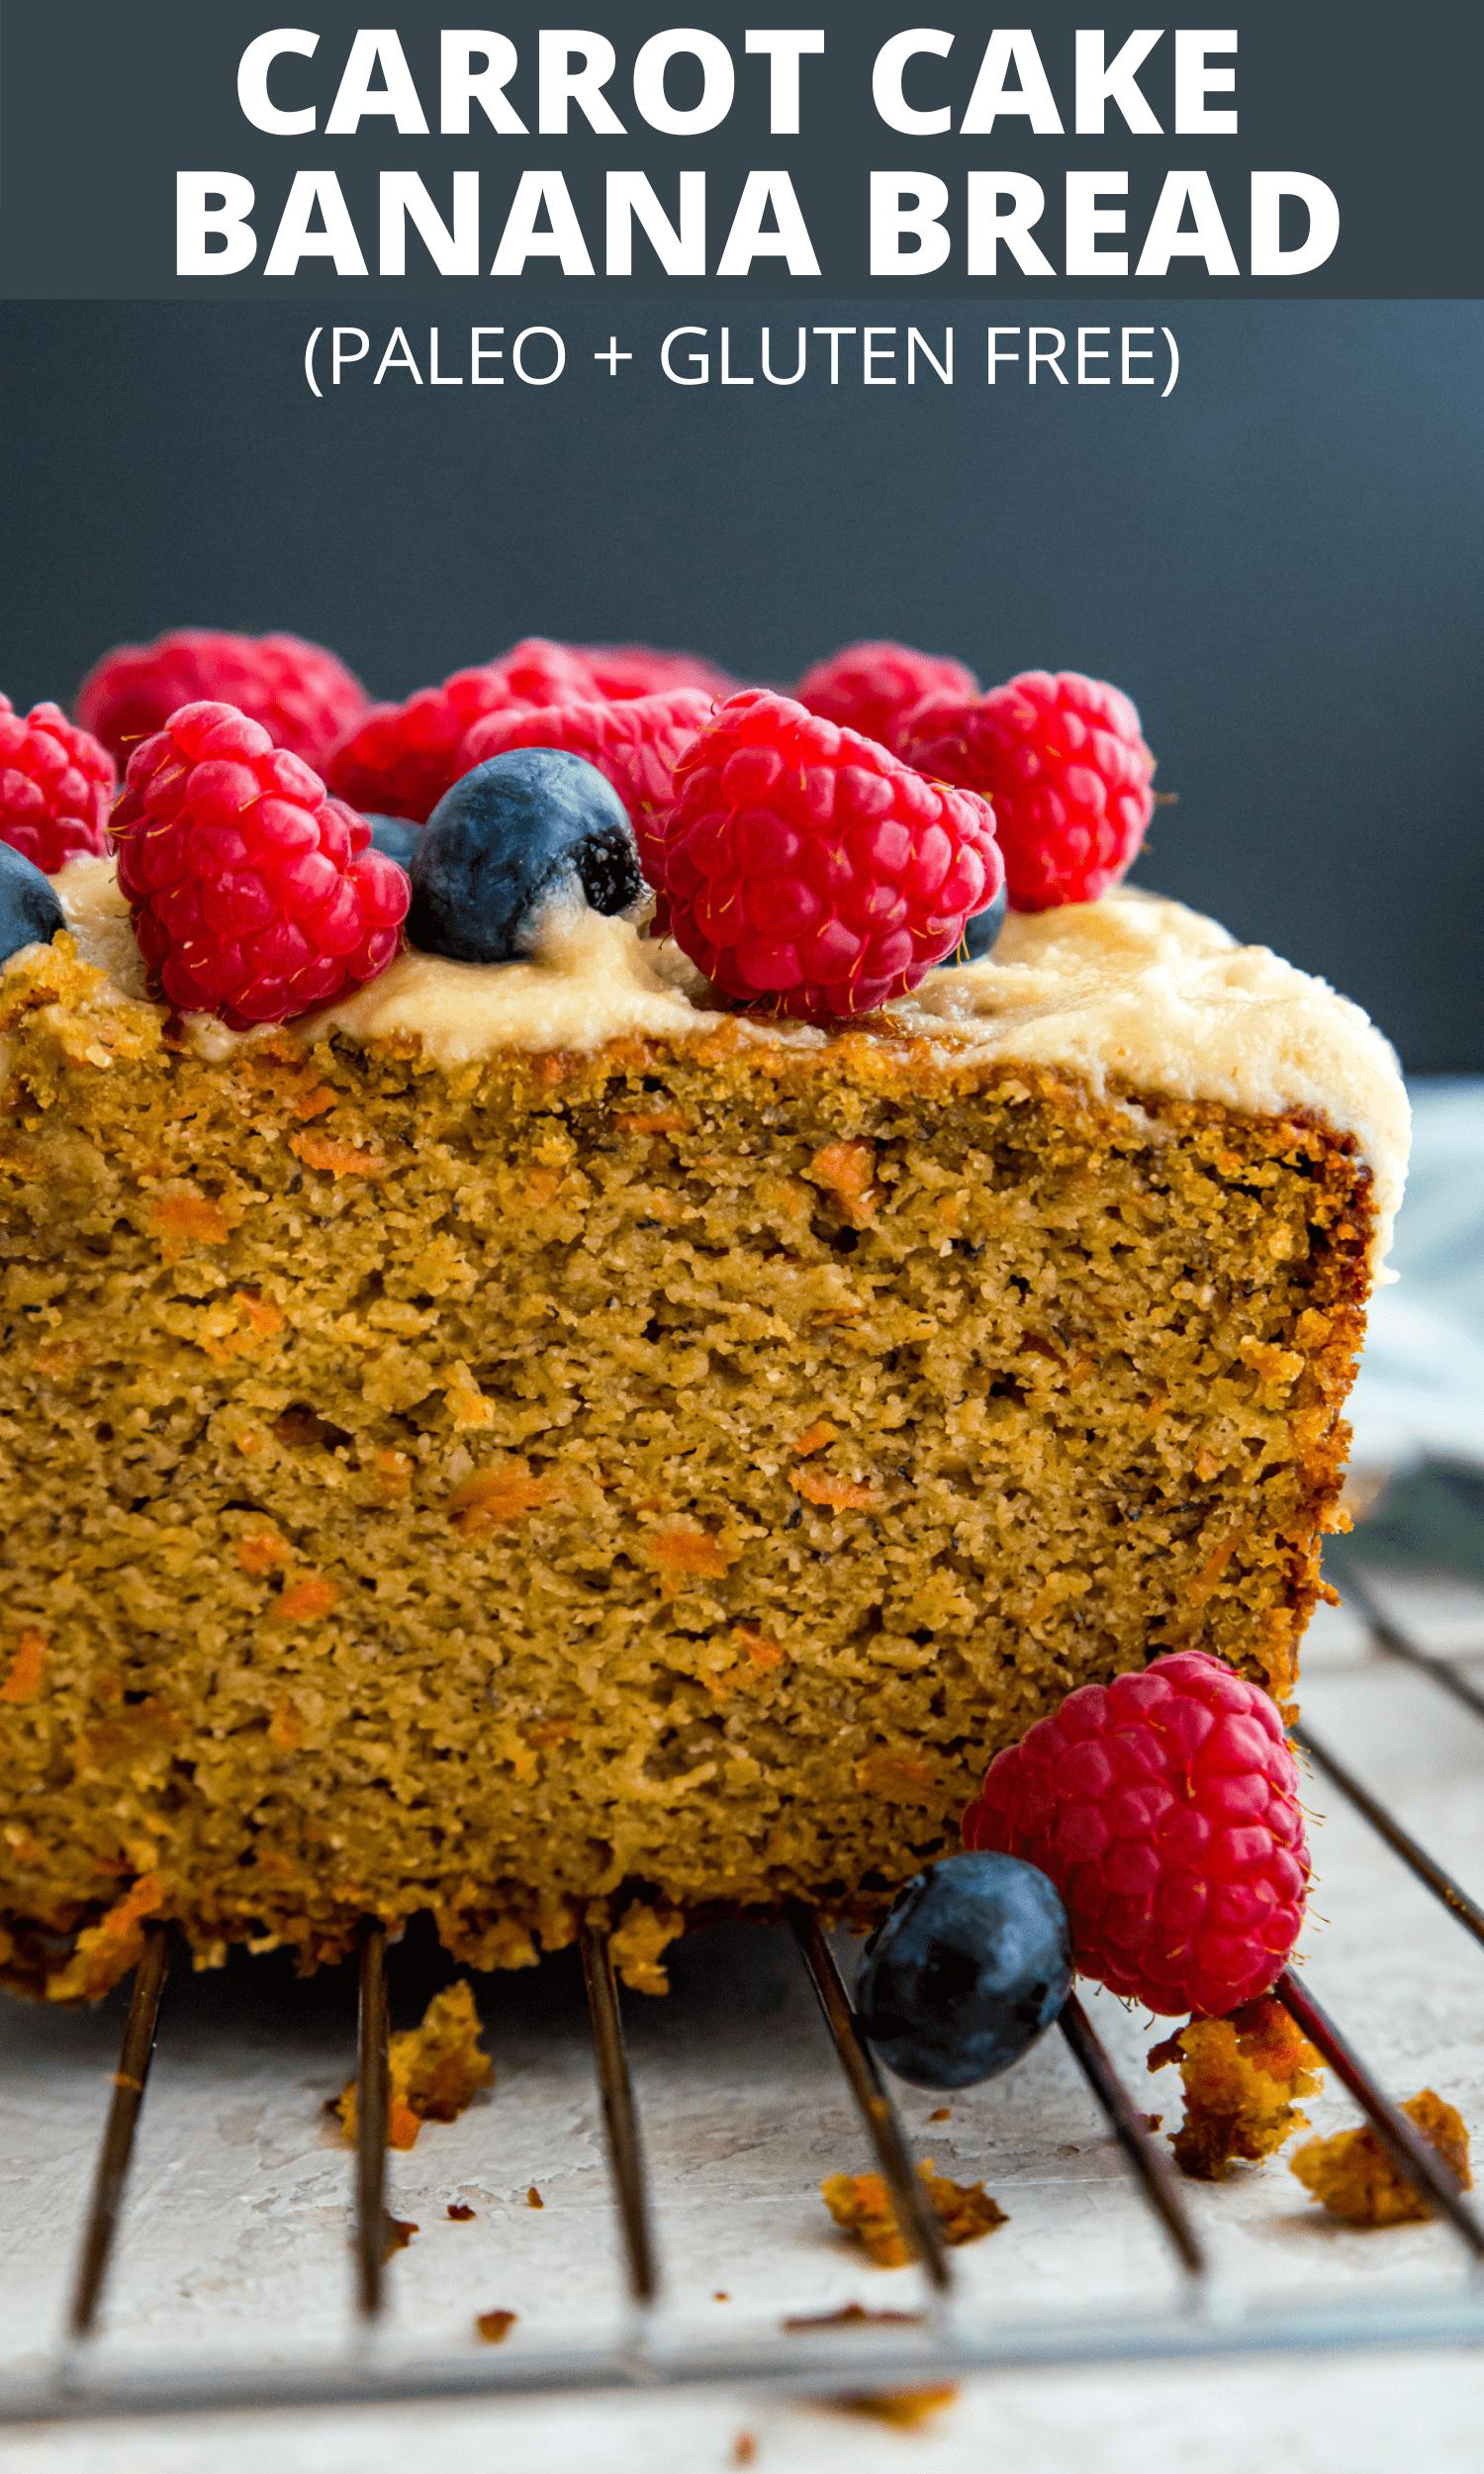 Carrot cake banana bread Pinterest image